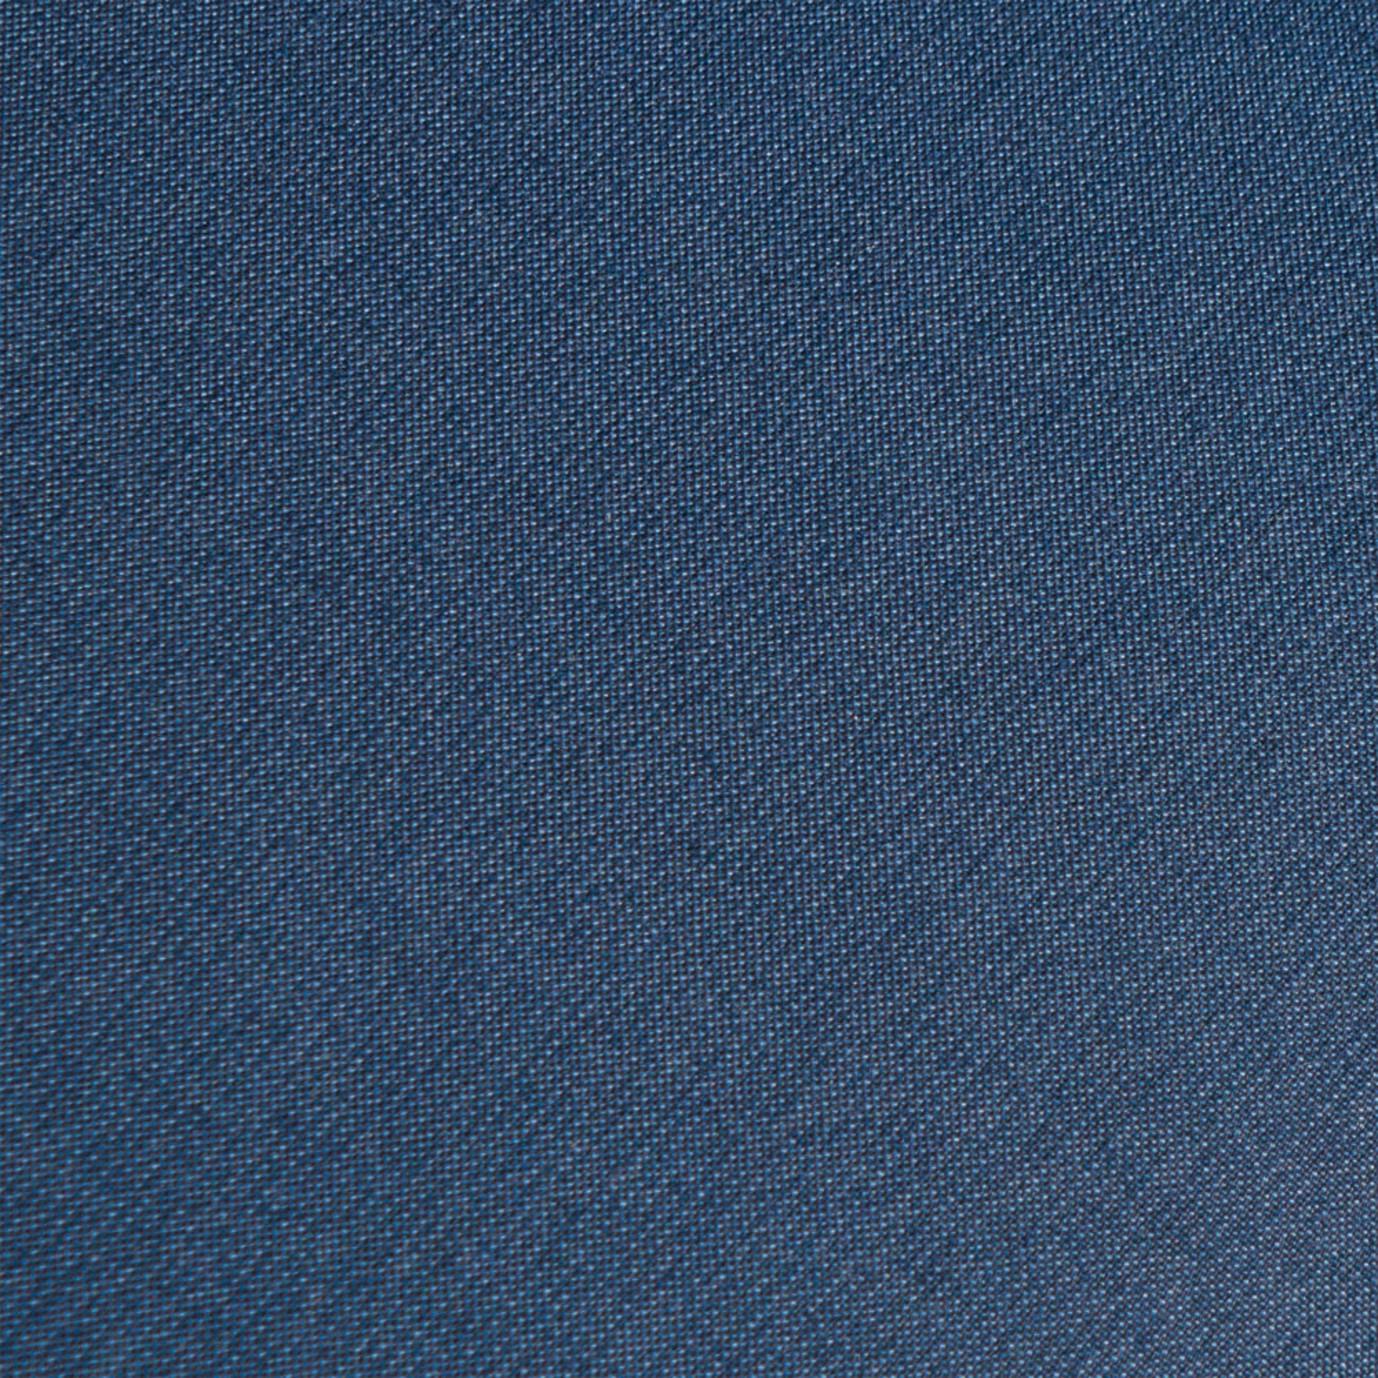 Portofino™ Comfort Club Ottomans - Laguna Blue